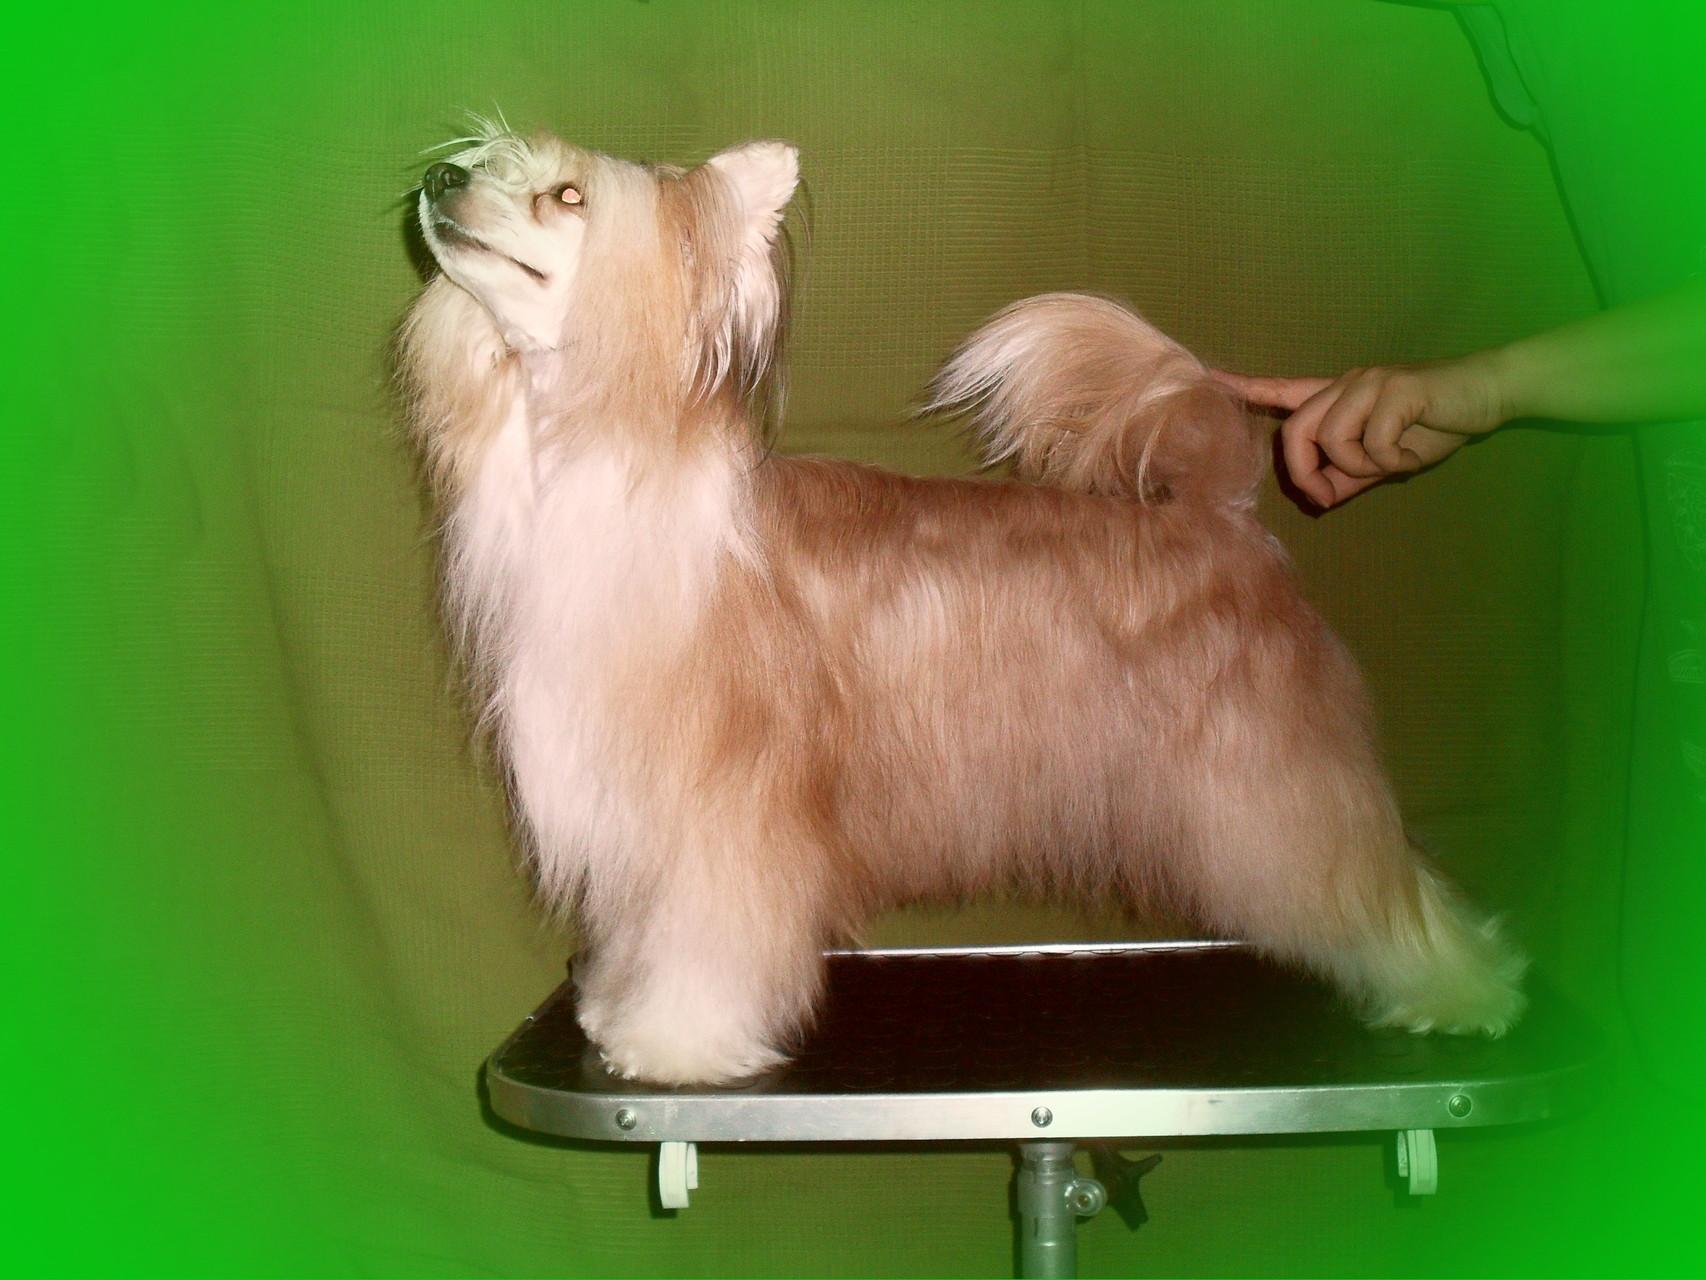 китайская хохлпьая собака фото